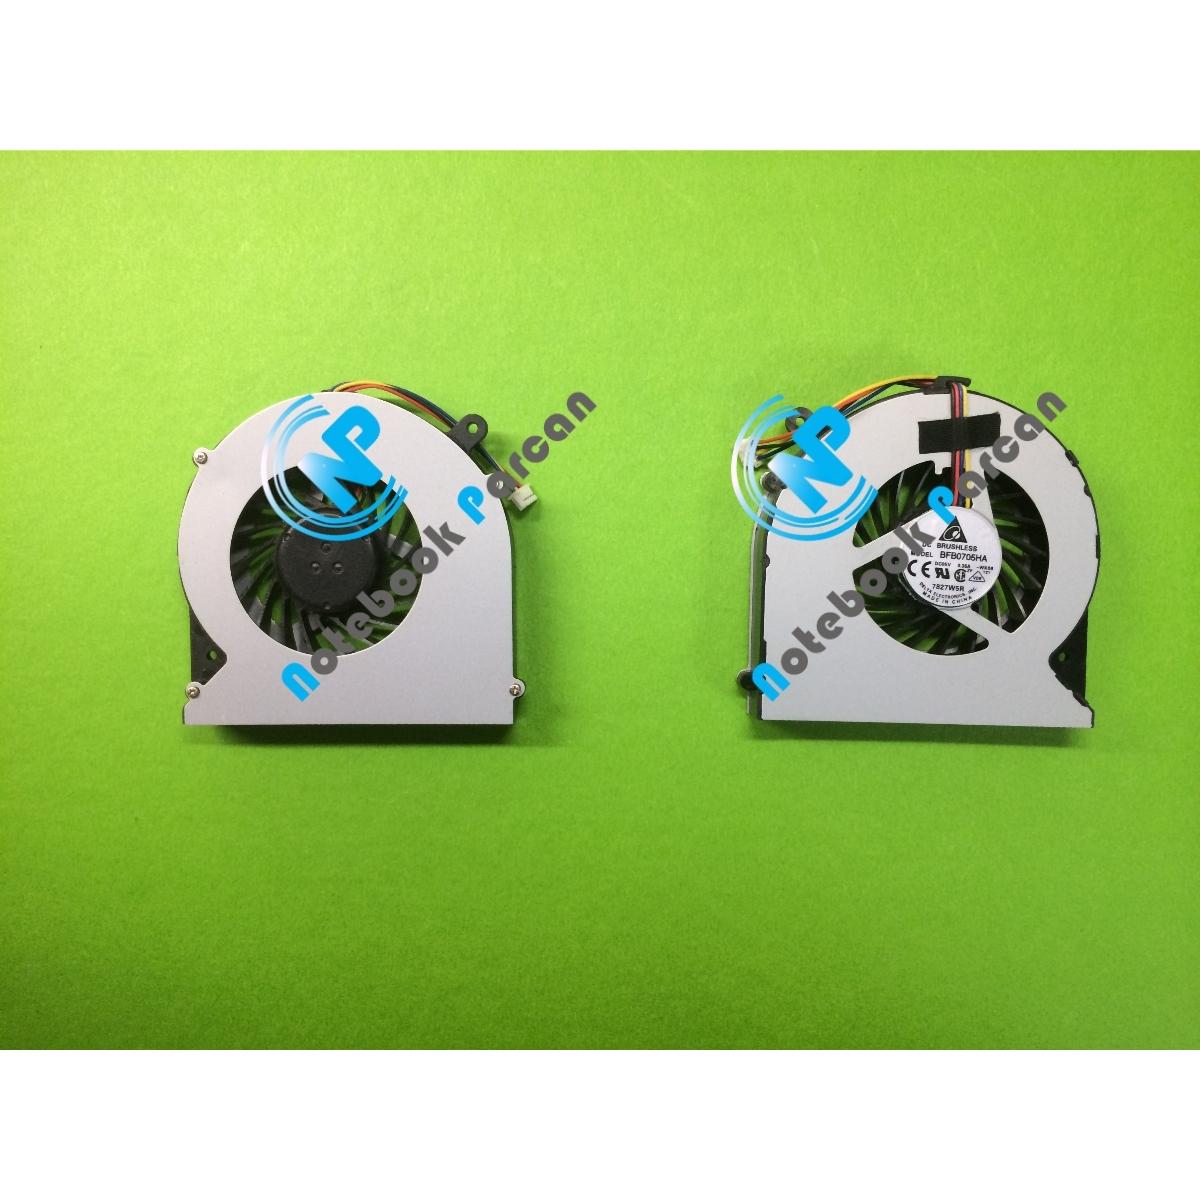 Toshiba 041013A Fan 4 Pin